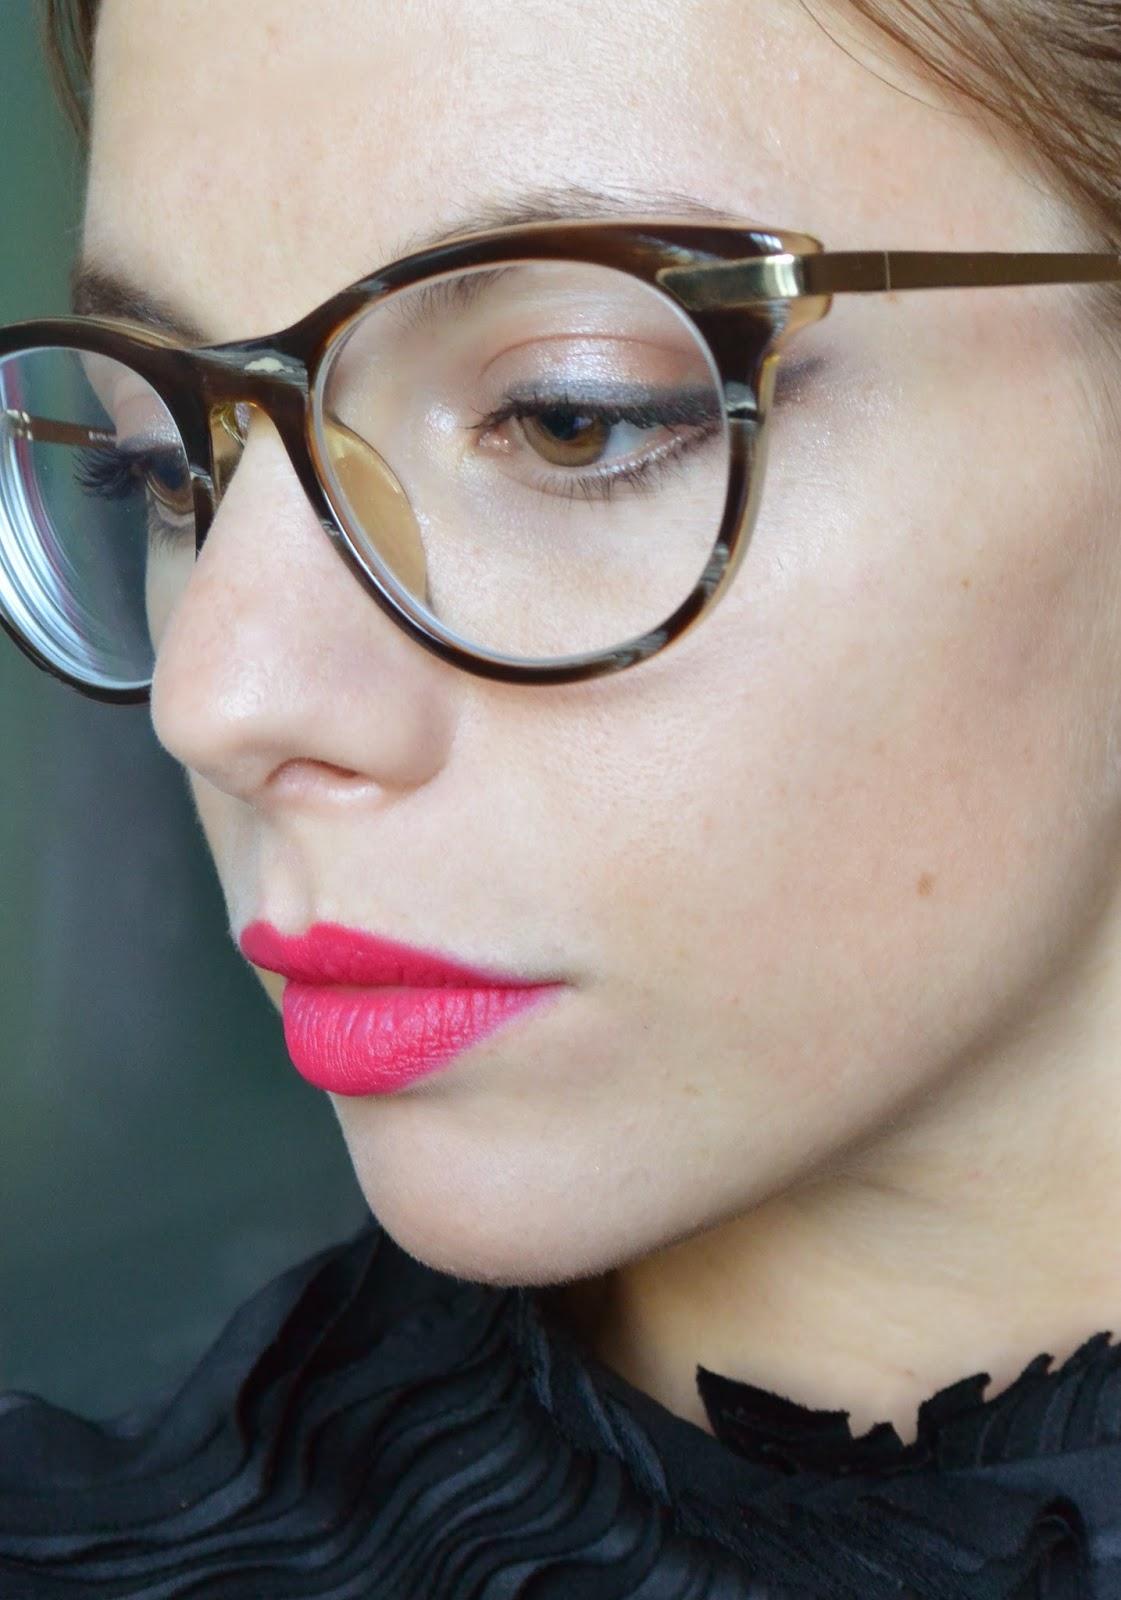 maquillage lunettes. Black Bedroom Furniture Sets. Home Design Ideas